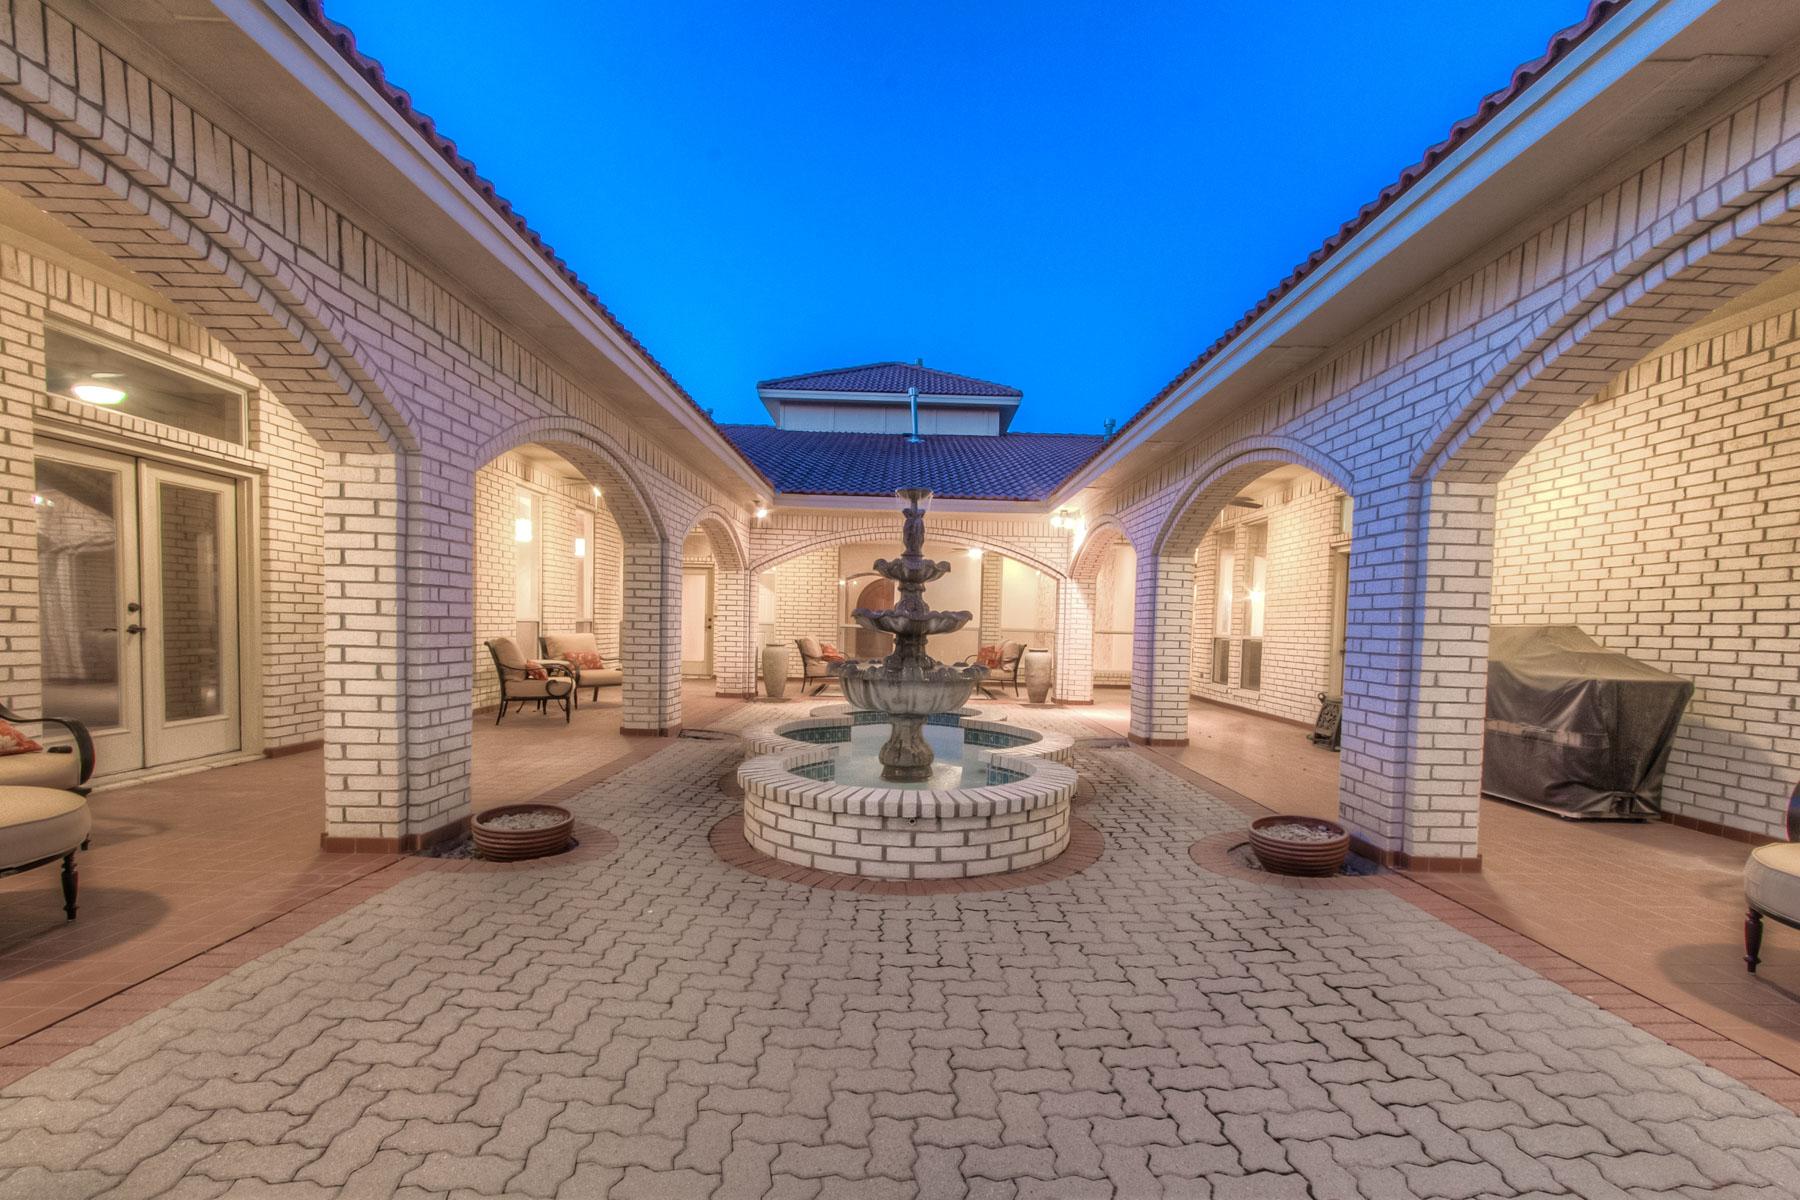 Casa Unifamiliar por un Venta en 7357 Golf Club Drive, Fort Worth Fort Worth, Texas, 76179 Estados Unidos